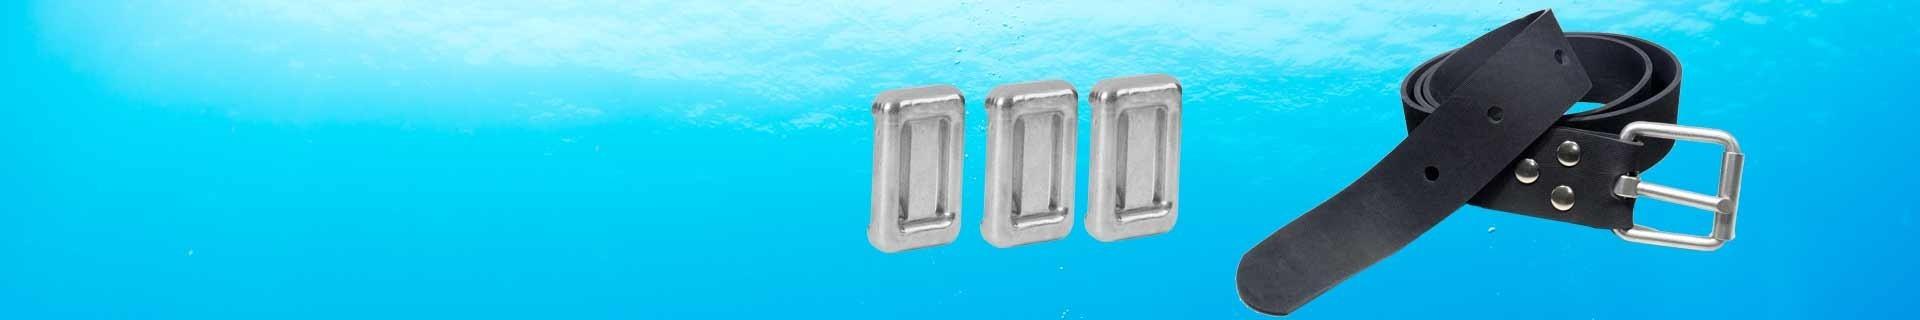 Accessoires divers de plongée